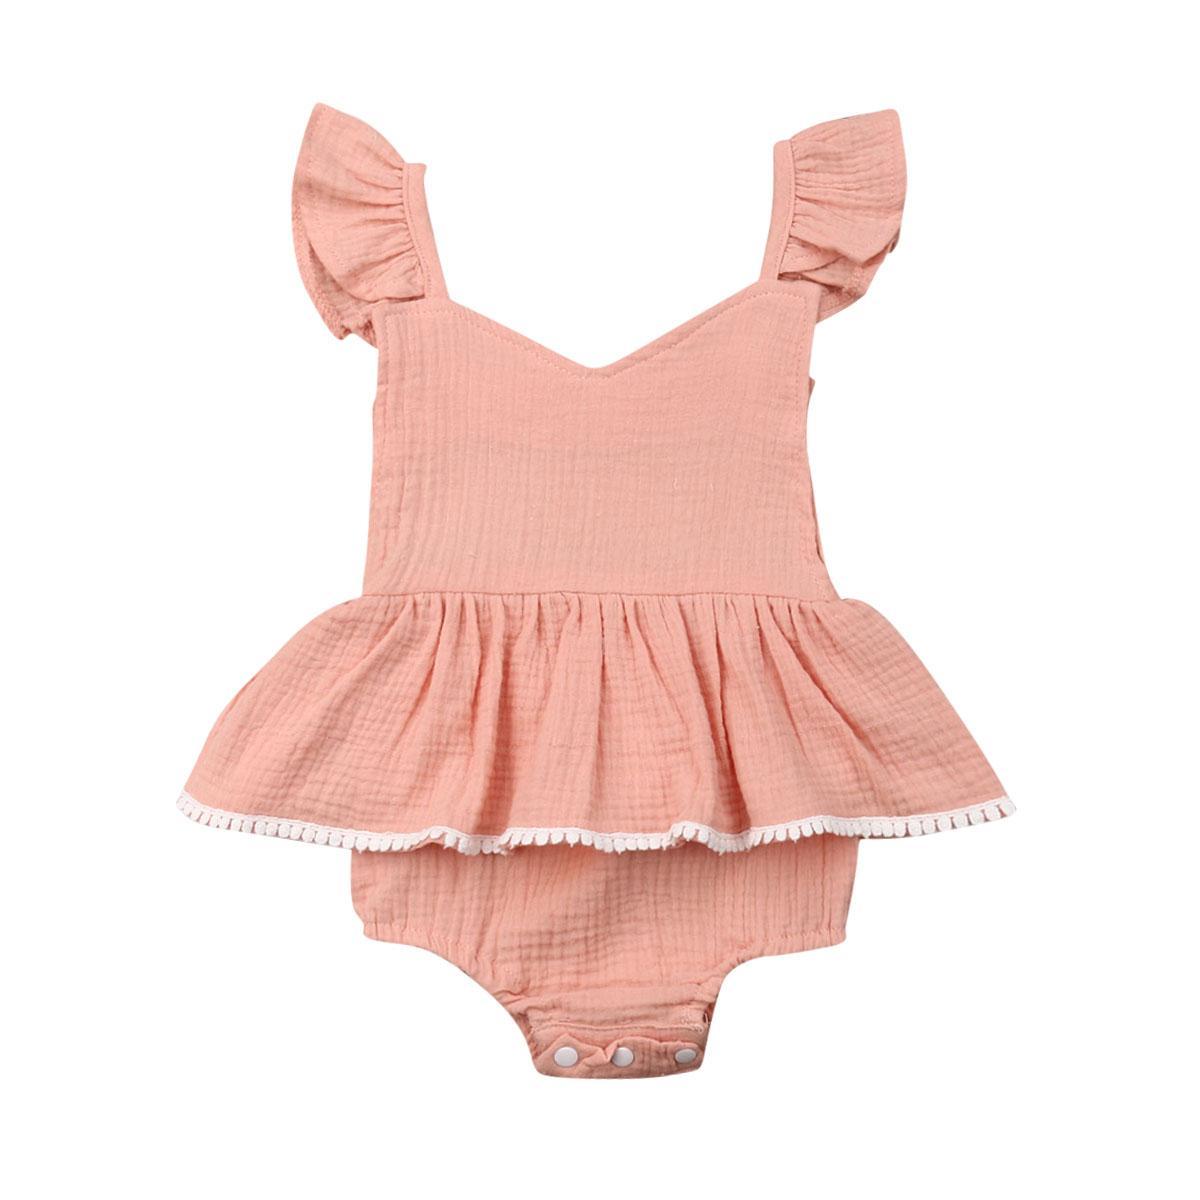 2020 Yaz Yenidoğan Bebek Bodysuits Giyim Katı Casual Yürüyor Bebek Kolsuz Sevimli Elbise Tulumlar Kıyafetler